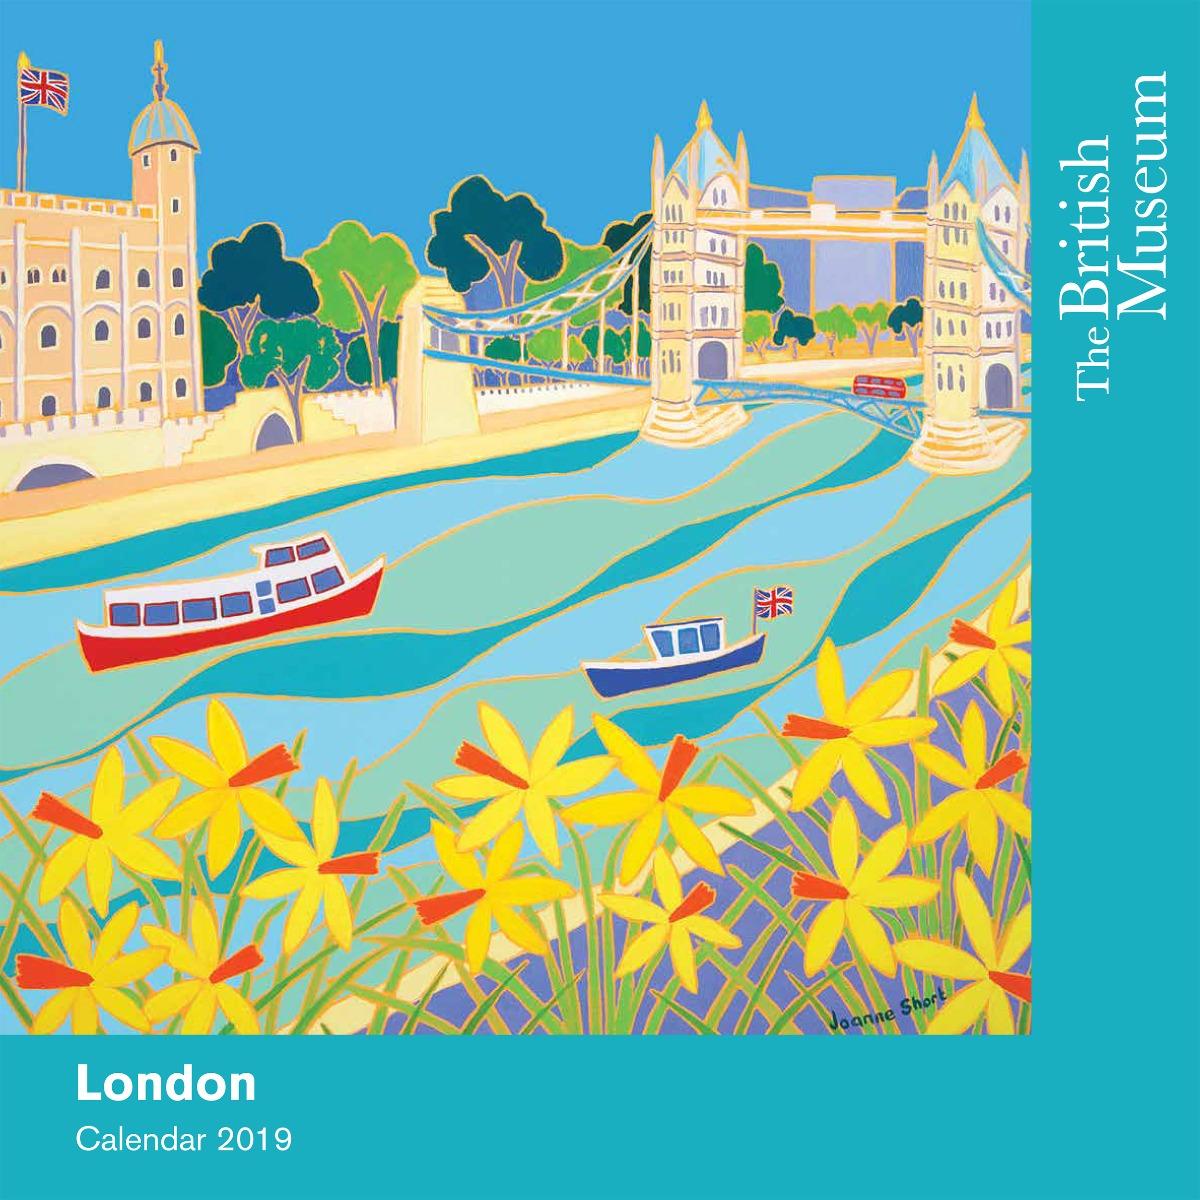 London 2019 calendar